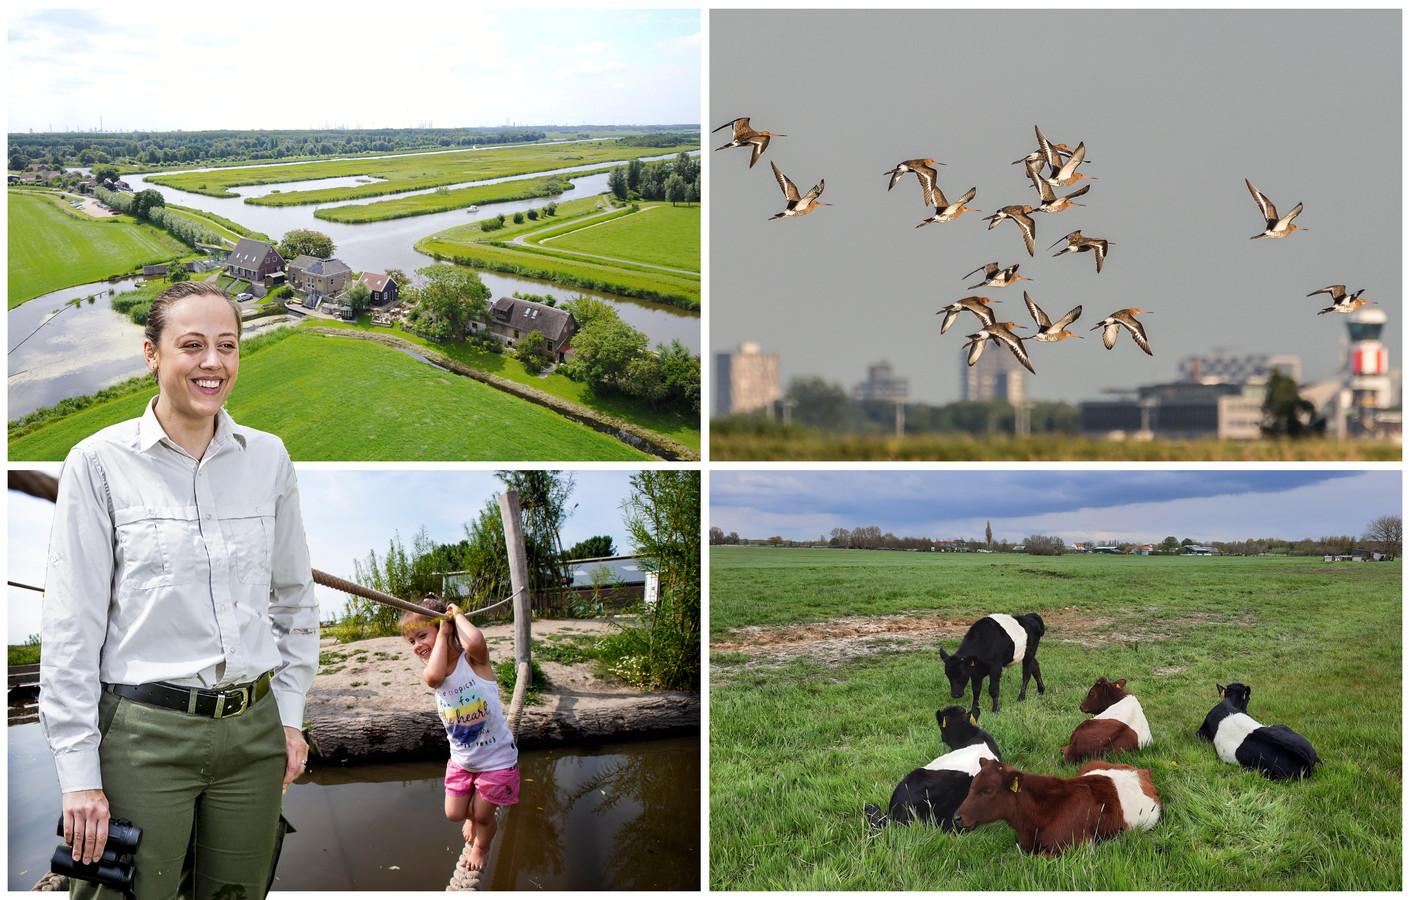 """Het Midden-Delflandgebied (met de klok mee): de Vlietlanden, grutto's tegen de Rotterdamse skyline, lakenvelders in de polder en belevenisboerderij Schieveen. Op de voorgrond Lisa Wassenaar: ,,Zo zie je hoe dicht mens en natuur bij elkaar staan."""""""